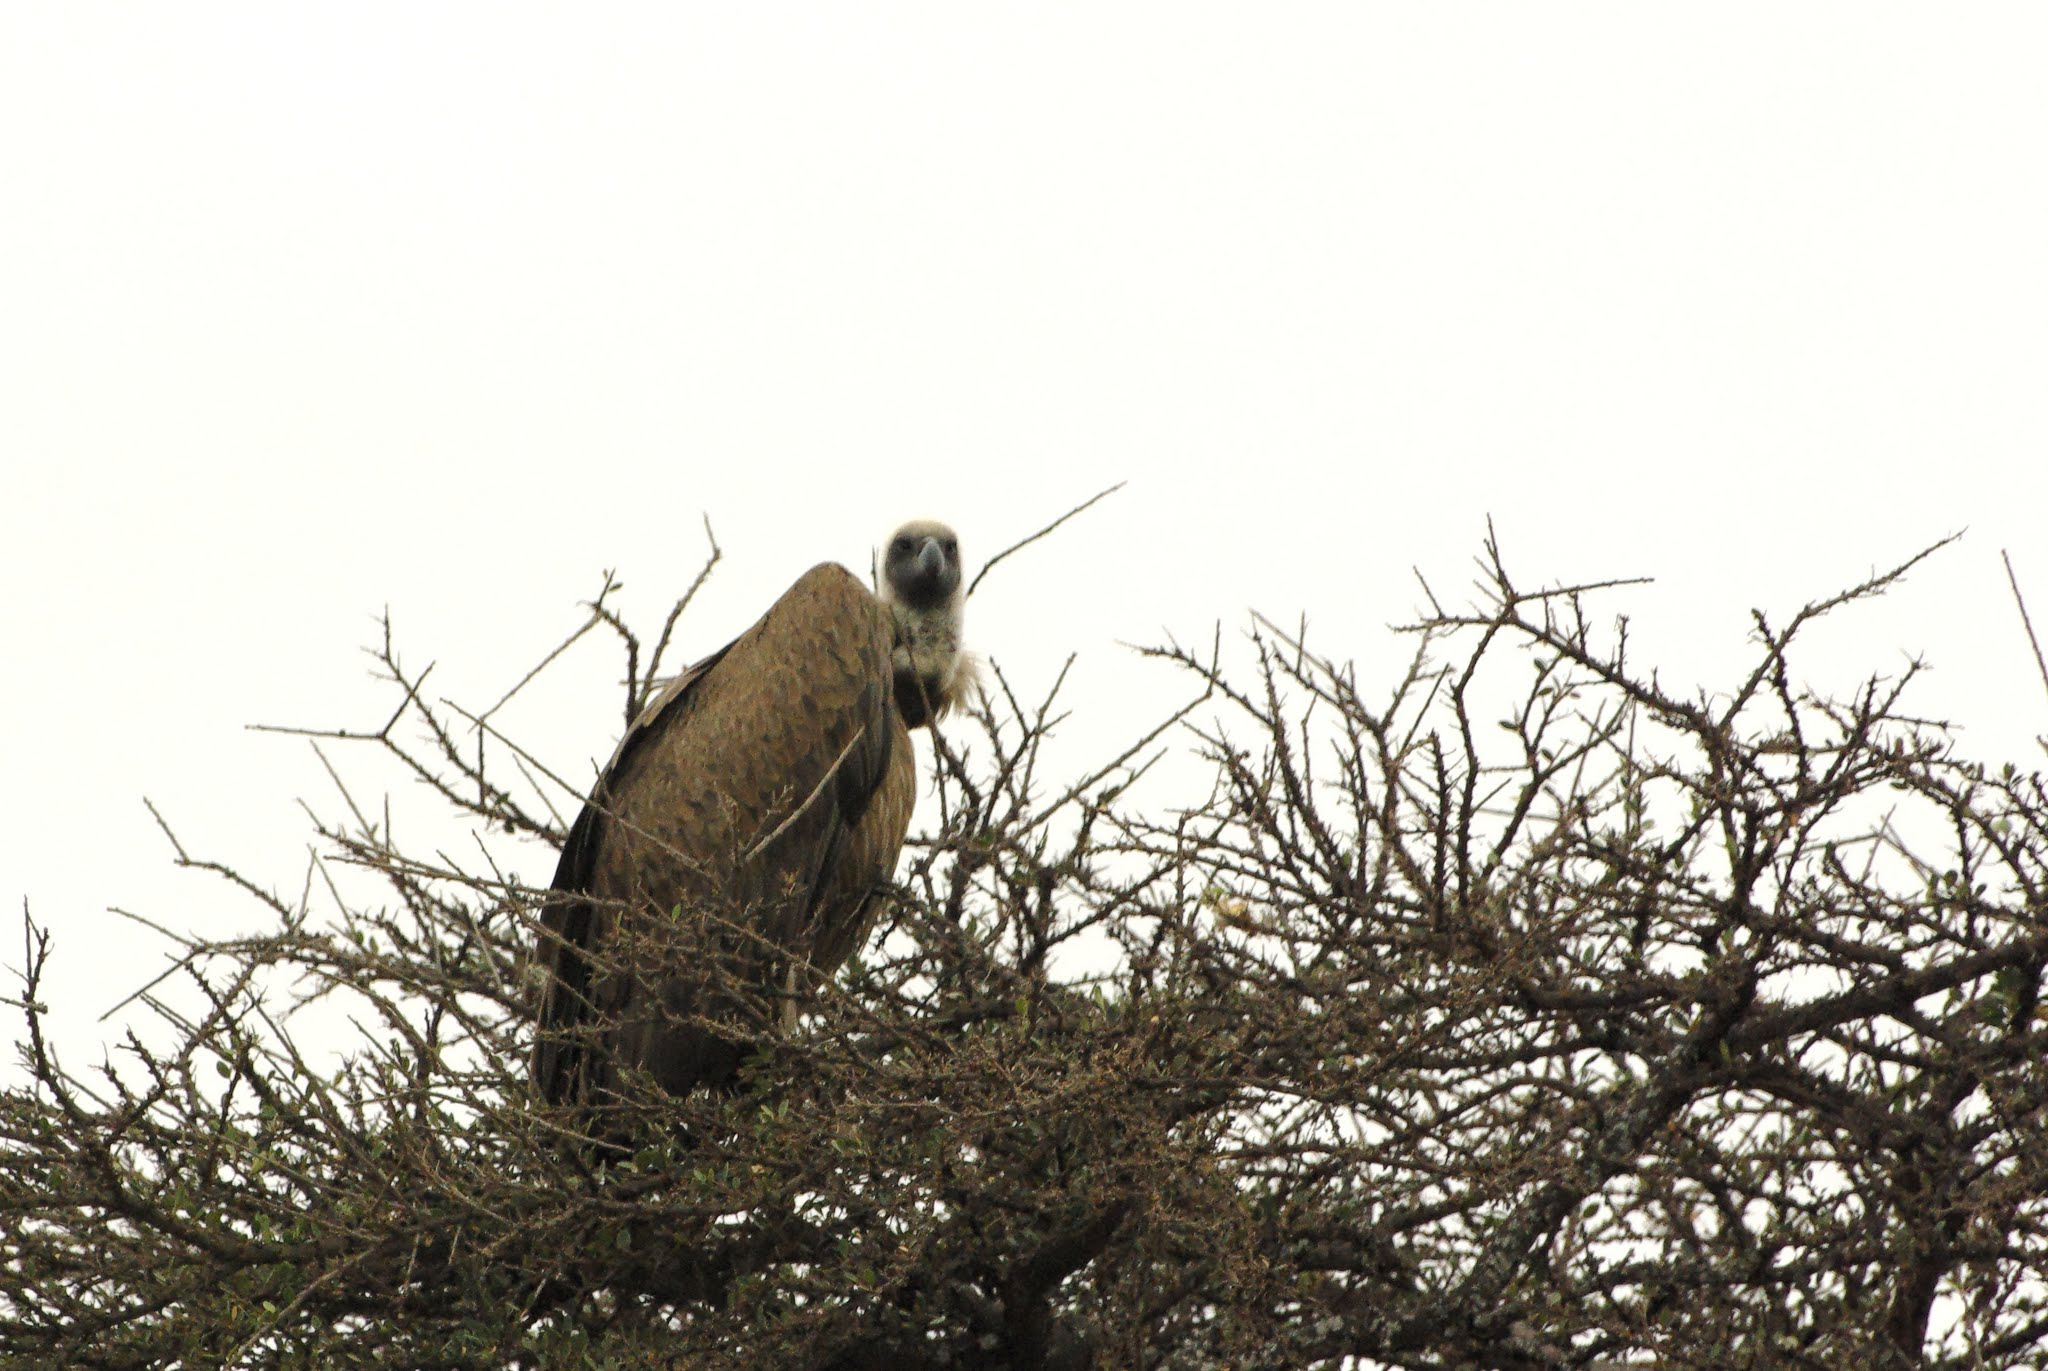 vautour-africain-tarangire-06-08_dxo